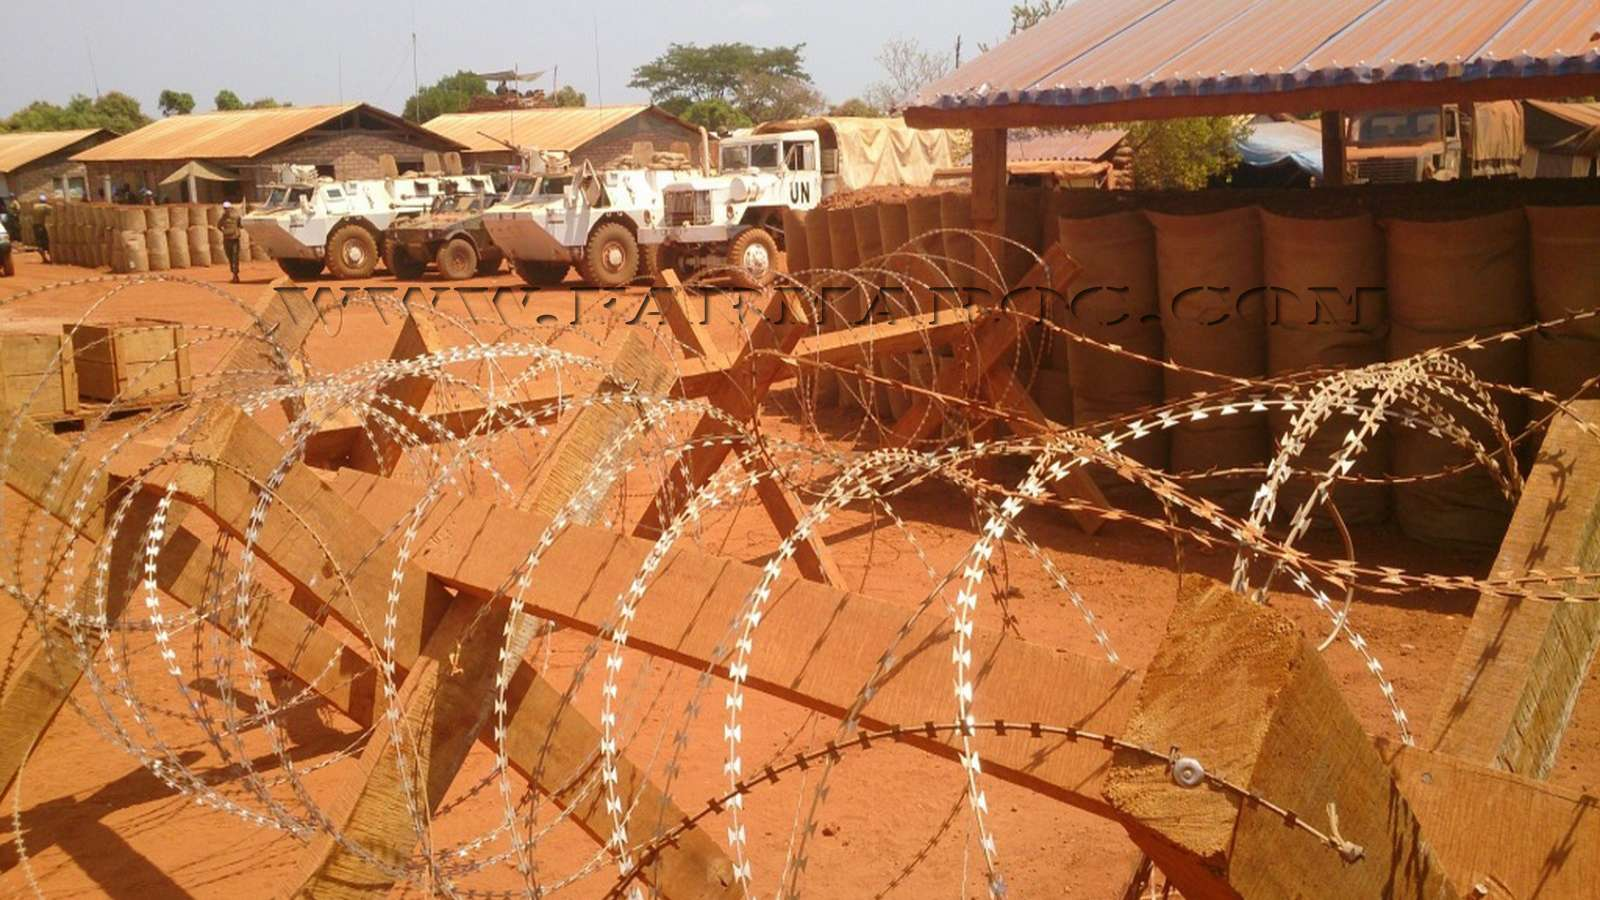 Maintien de la paix dans le monde - Les FAR en République Centrafricaine - RCA (MINUSCA) 03_00010